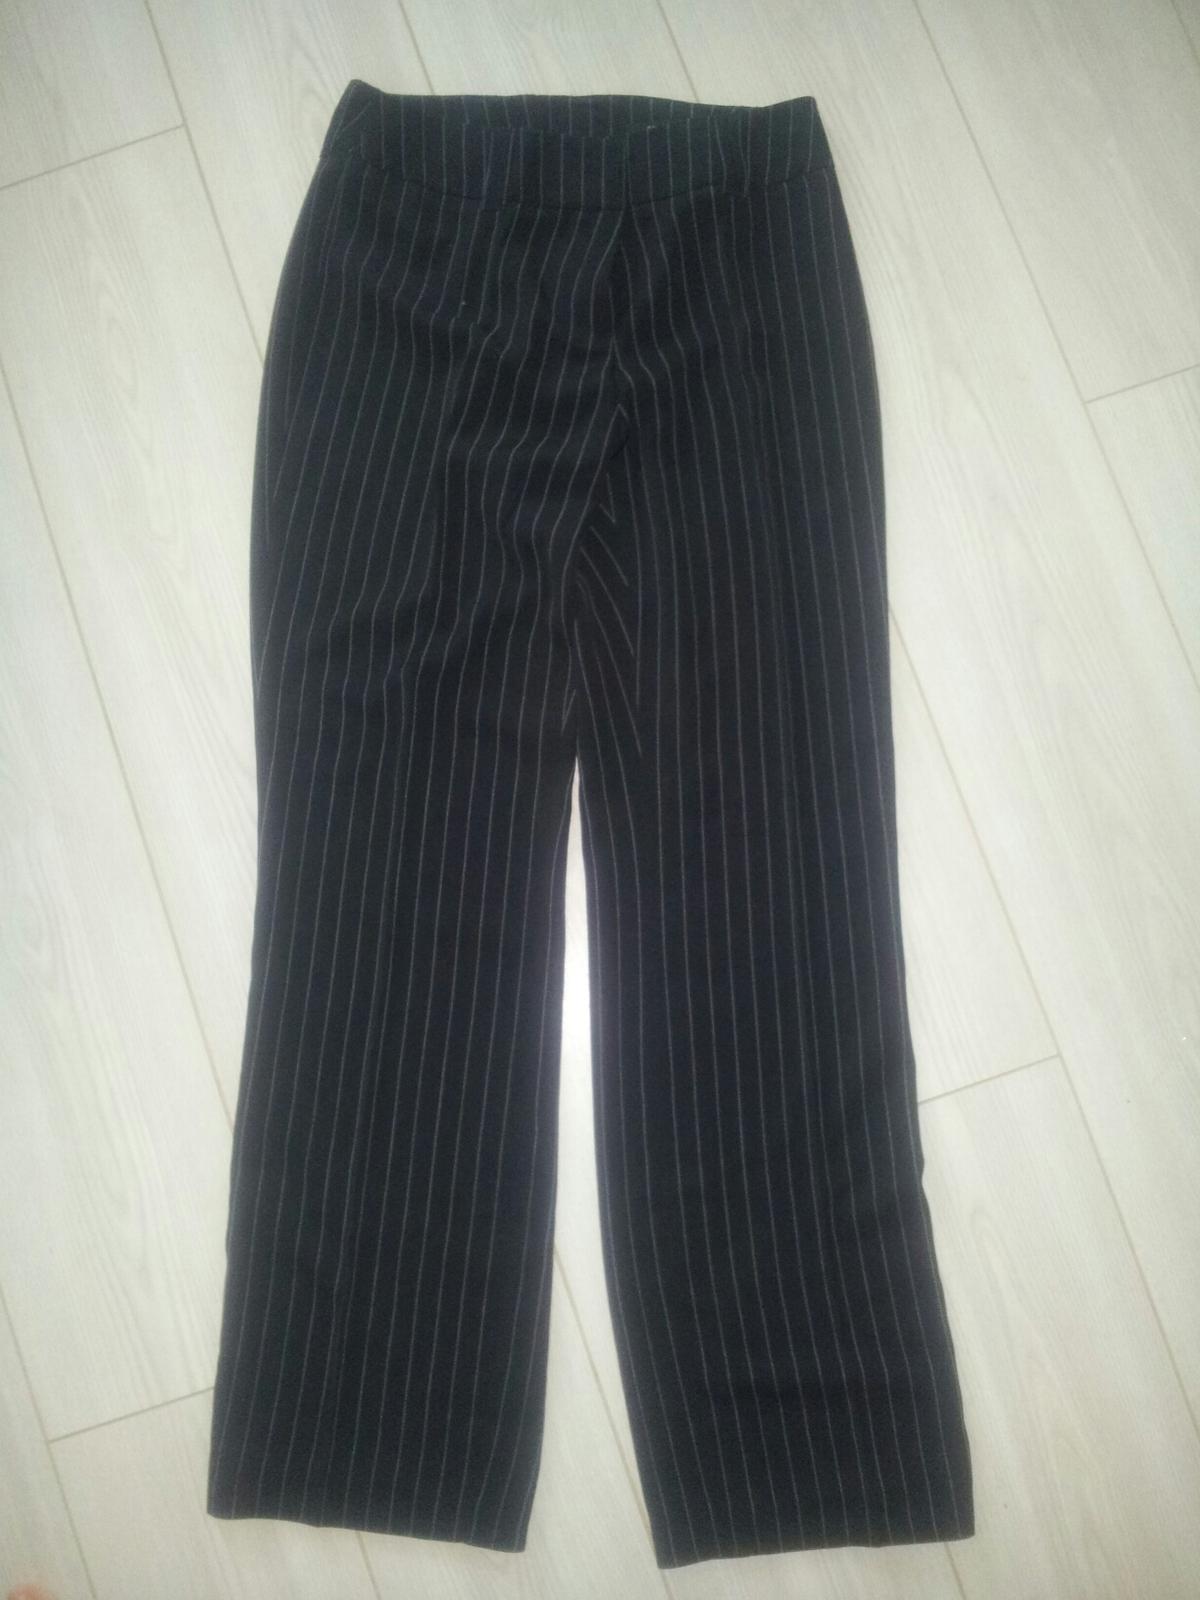 Nohavice zn S.Olivier - Obrázok č. 1